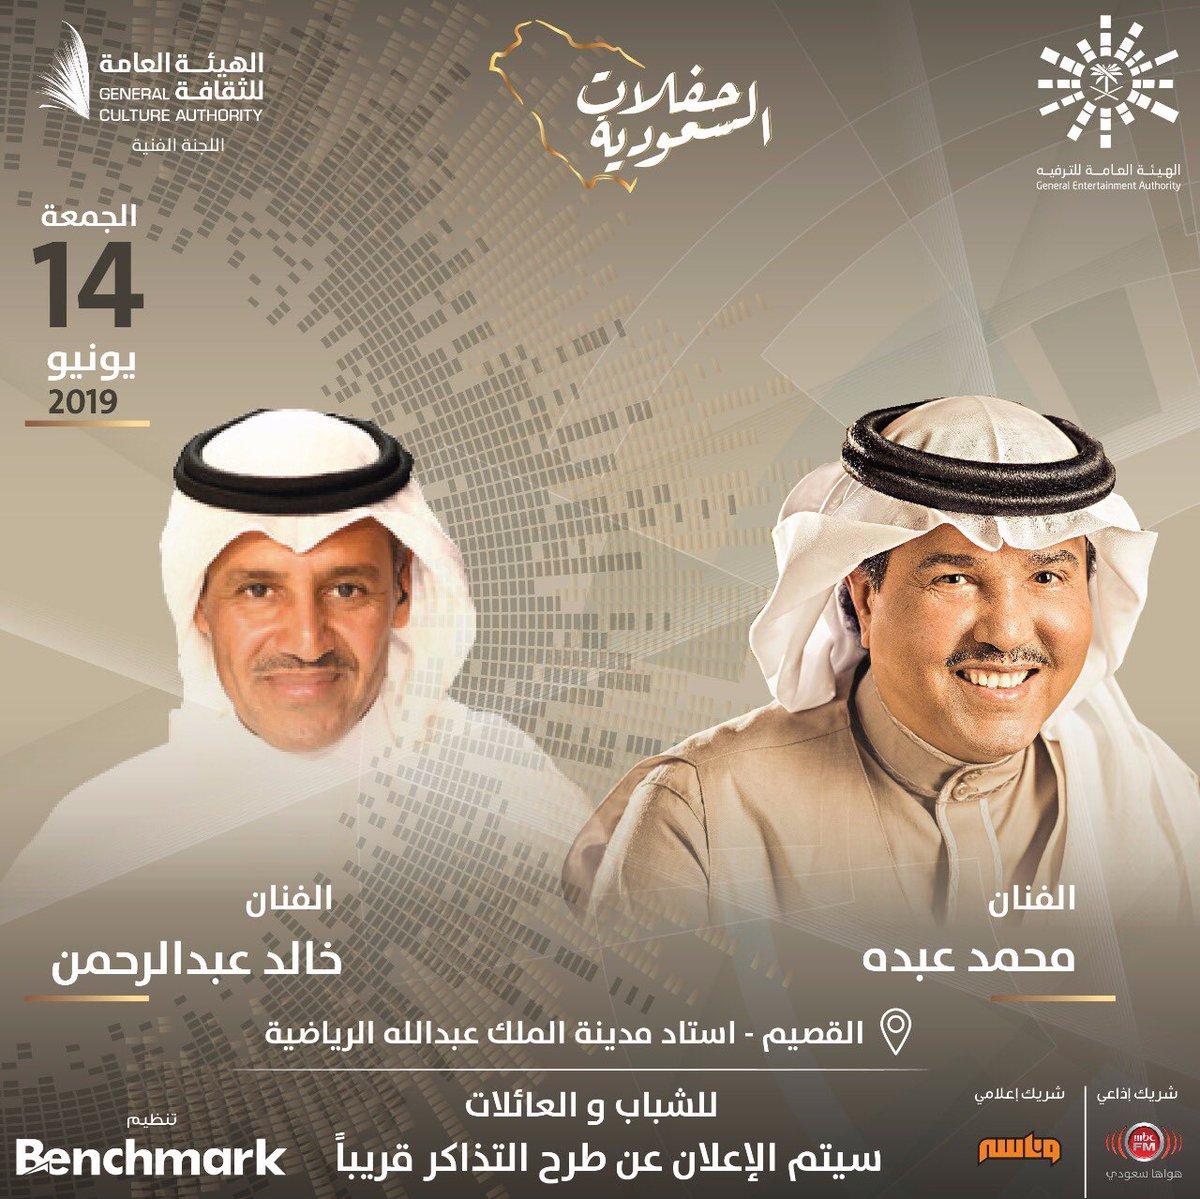 محمد عبده وخالد عبد الرحمن يغنيان معا في القصيم لأول مرة